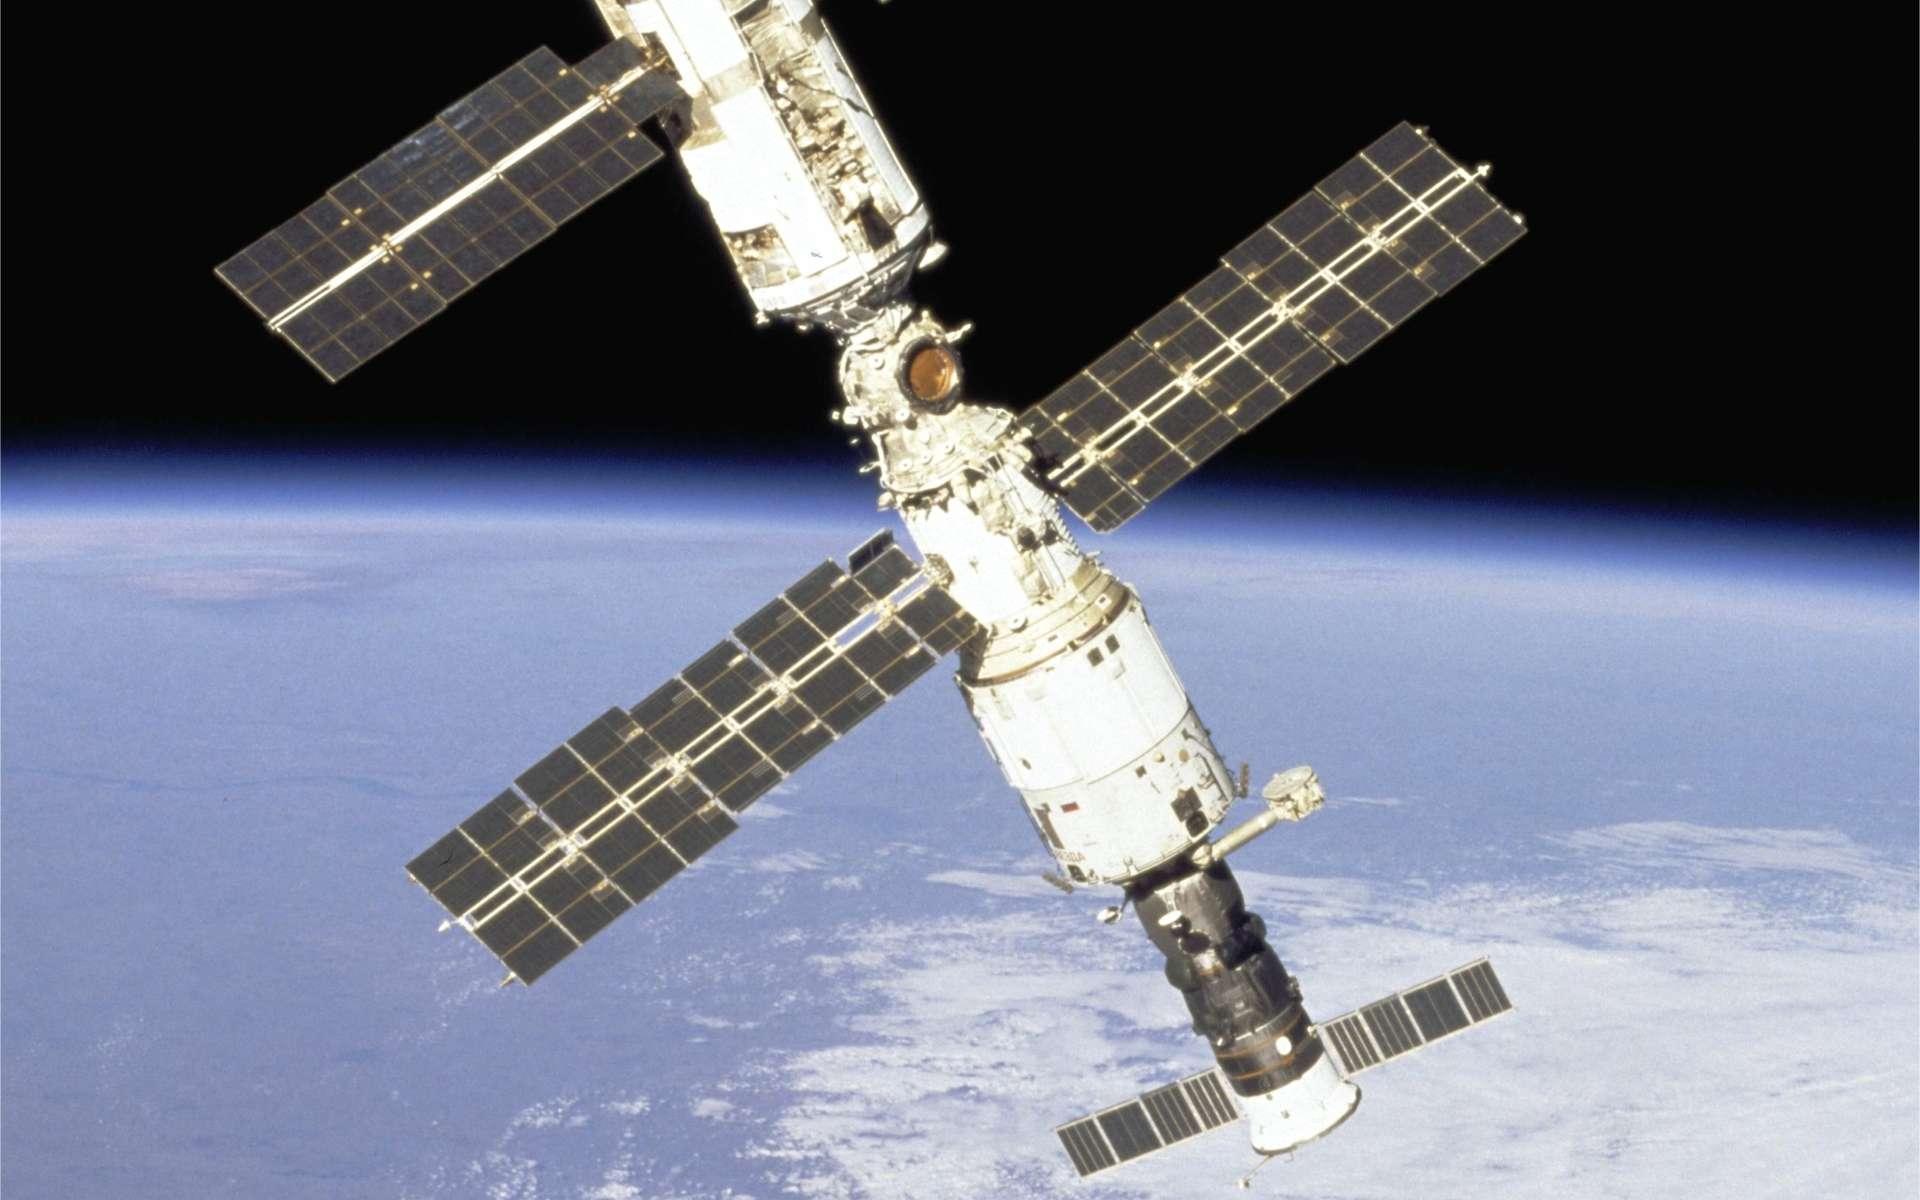 Un vaisseau Progress (en bas), arrimé au module Zvezda (avec ses panneaux solaires). La photographie date de 2000, peu après la mise en place de Zvezda, troisième module à être intégré à l'ISS. © Nasa